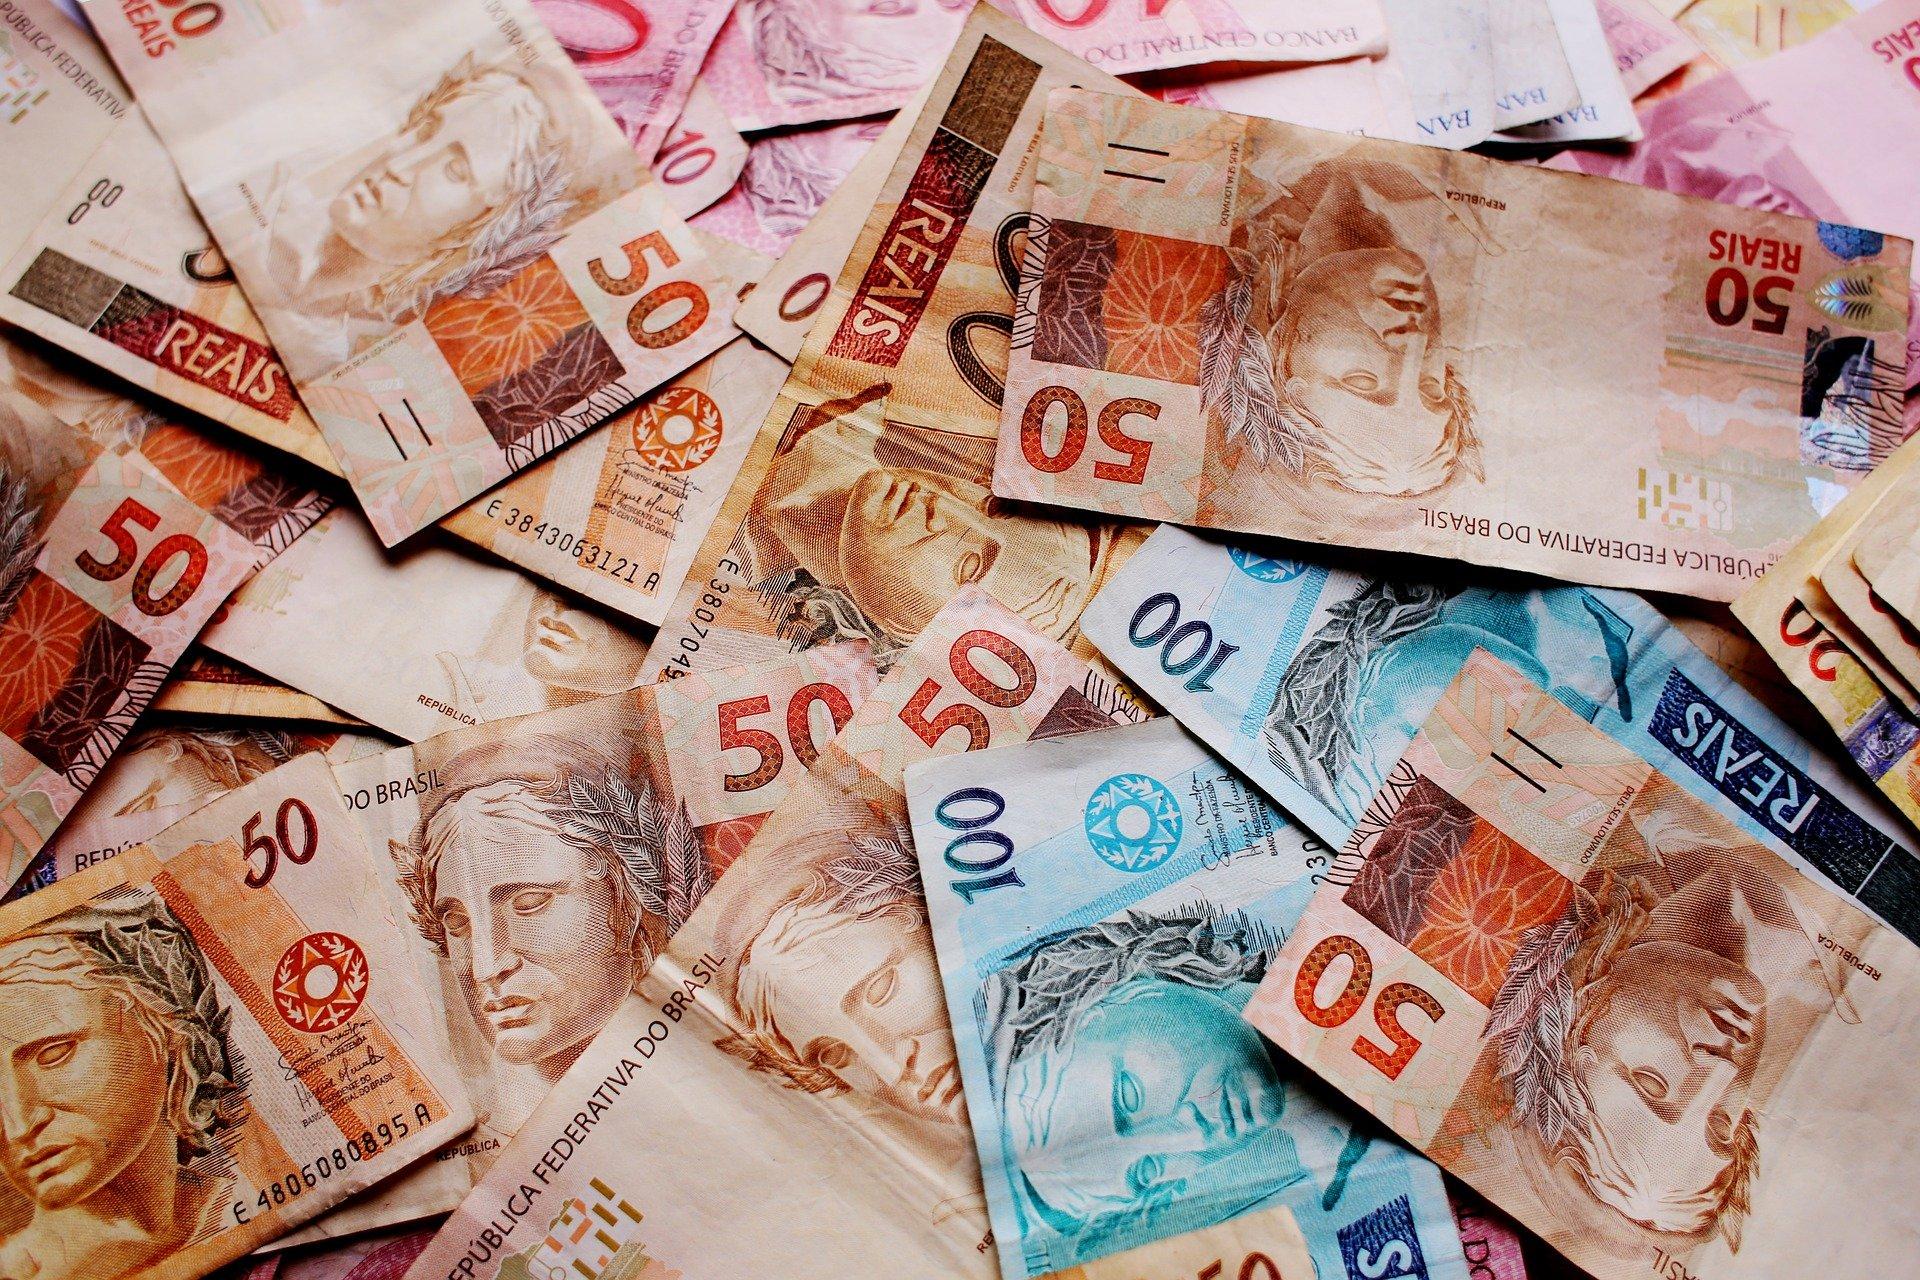 (Estudo feito pela CNDL/SPC Brasil revela que diminuição da renda é o principal motivo apontado pelos entrevistados. Foto: Reprodução/Pixabay)